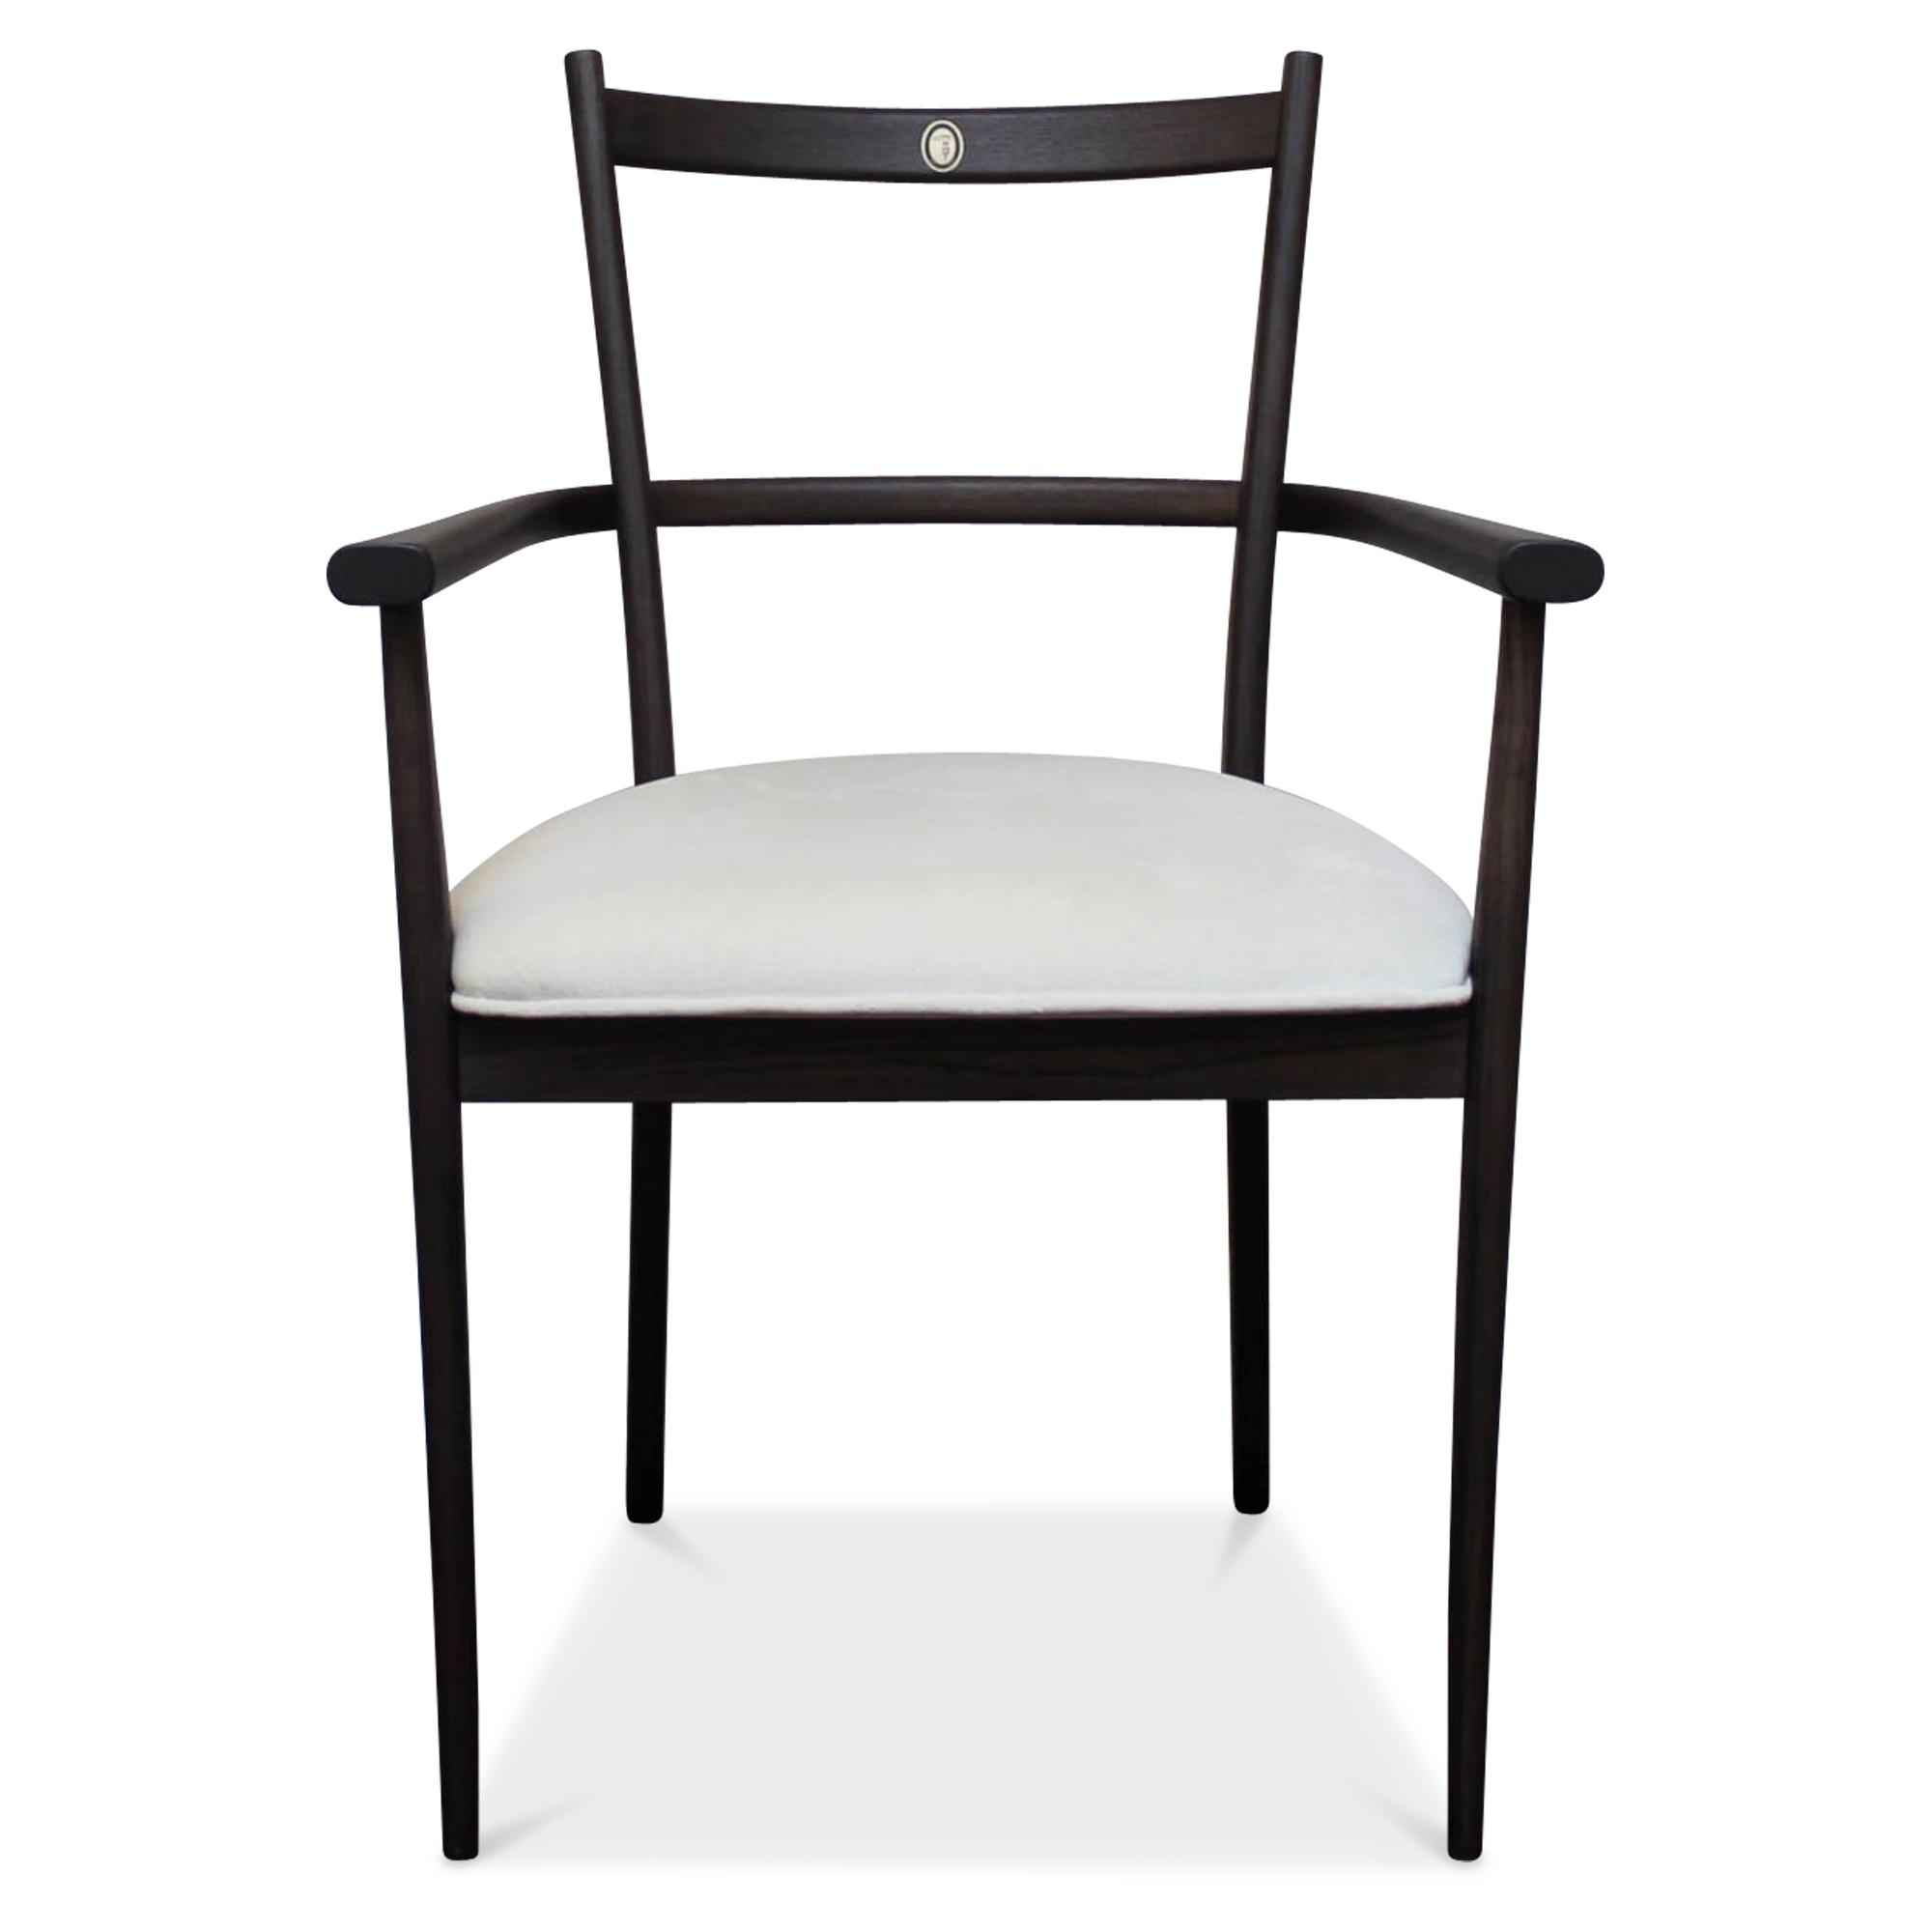 stuhl agnese trussardi casa st hle g nstig kaufen m belfirst. Black Bedroom Furniture Sets. Home Design Ideas